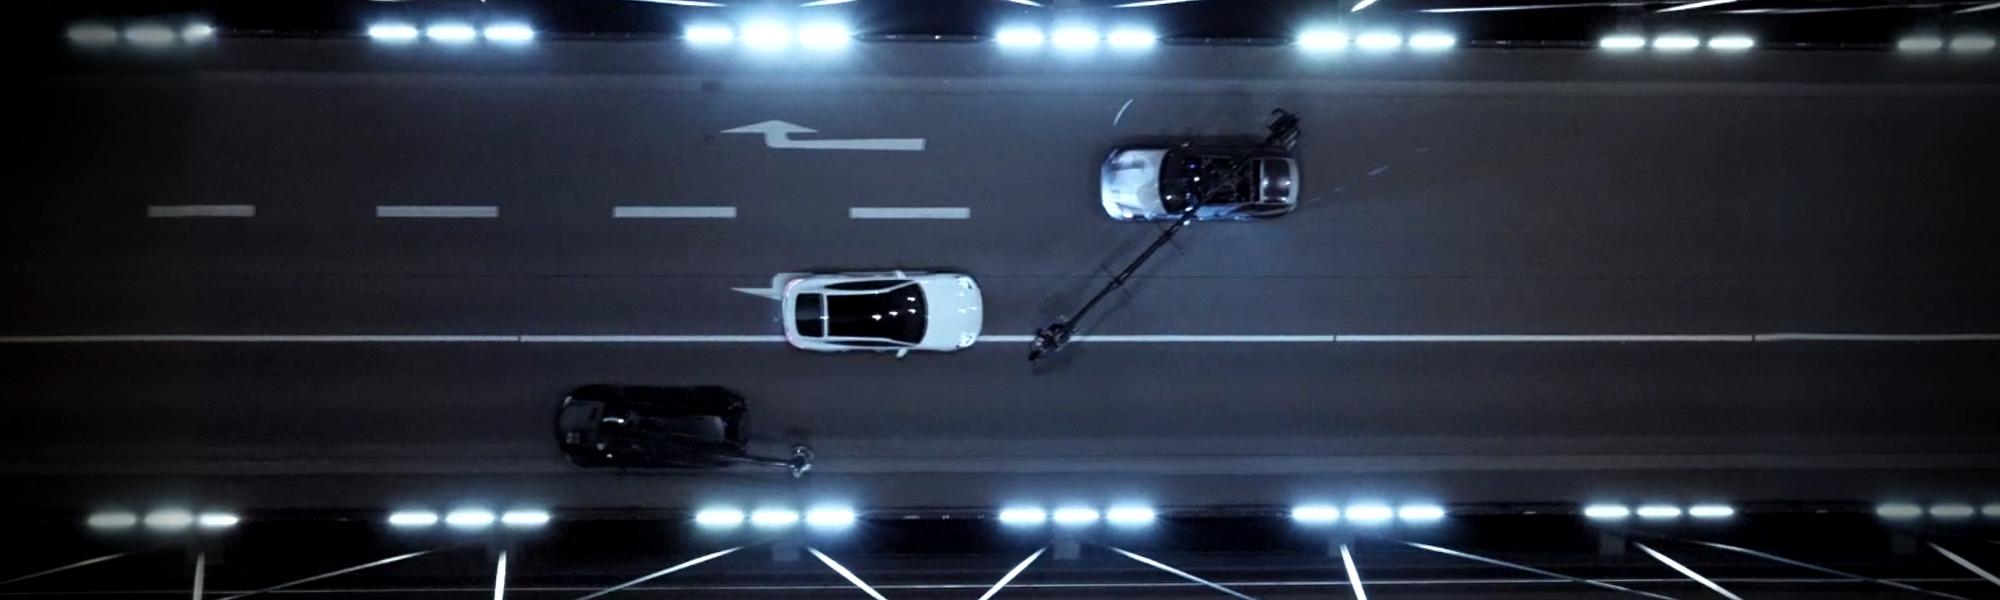 Hide 'n' Seek: Porsche präsentiert das erste 3D-Mapping in Bewegung.